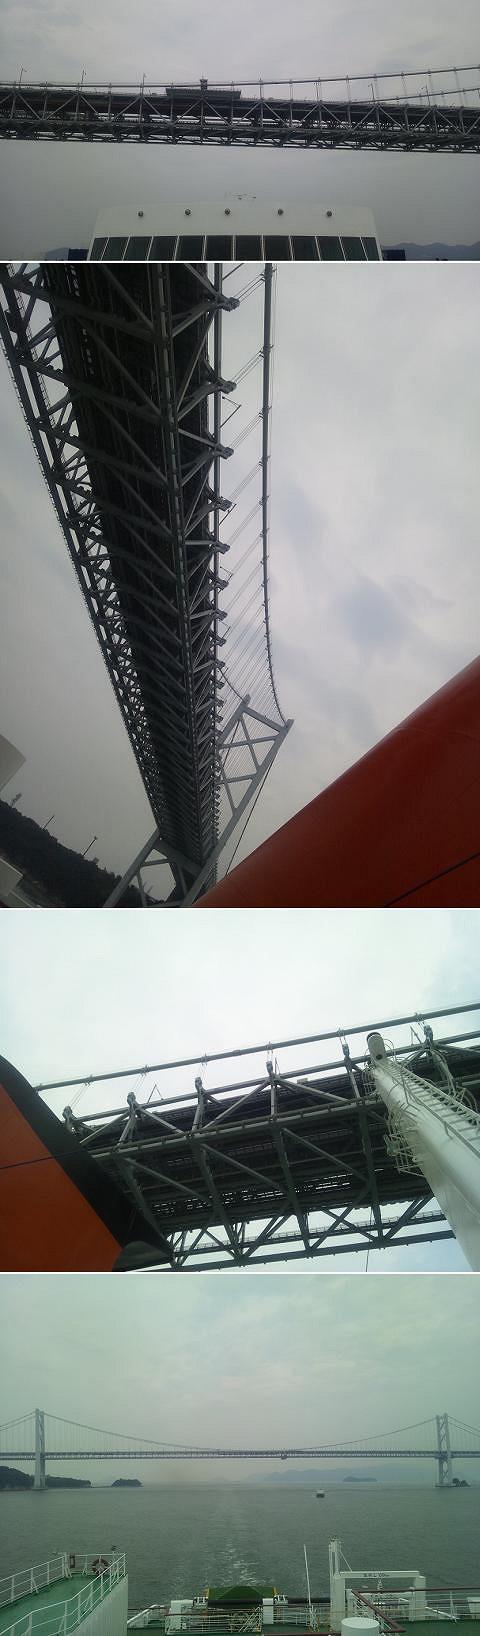 瀬戸内ワンナイトクルーズ 四国オレンジフェリー 大橋通過